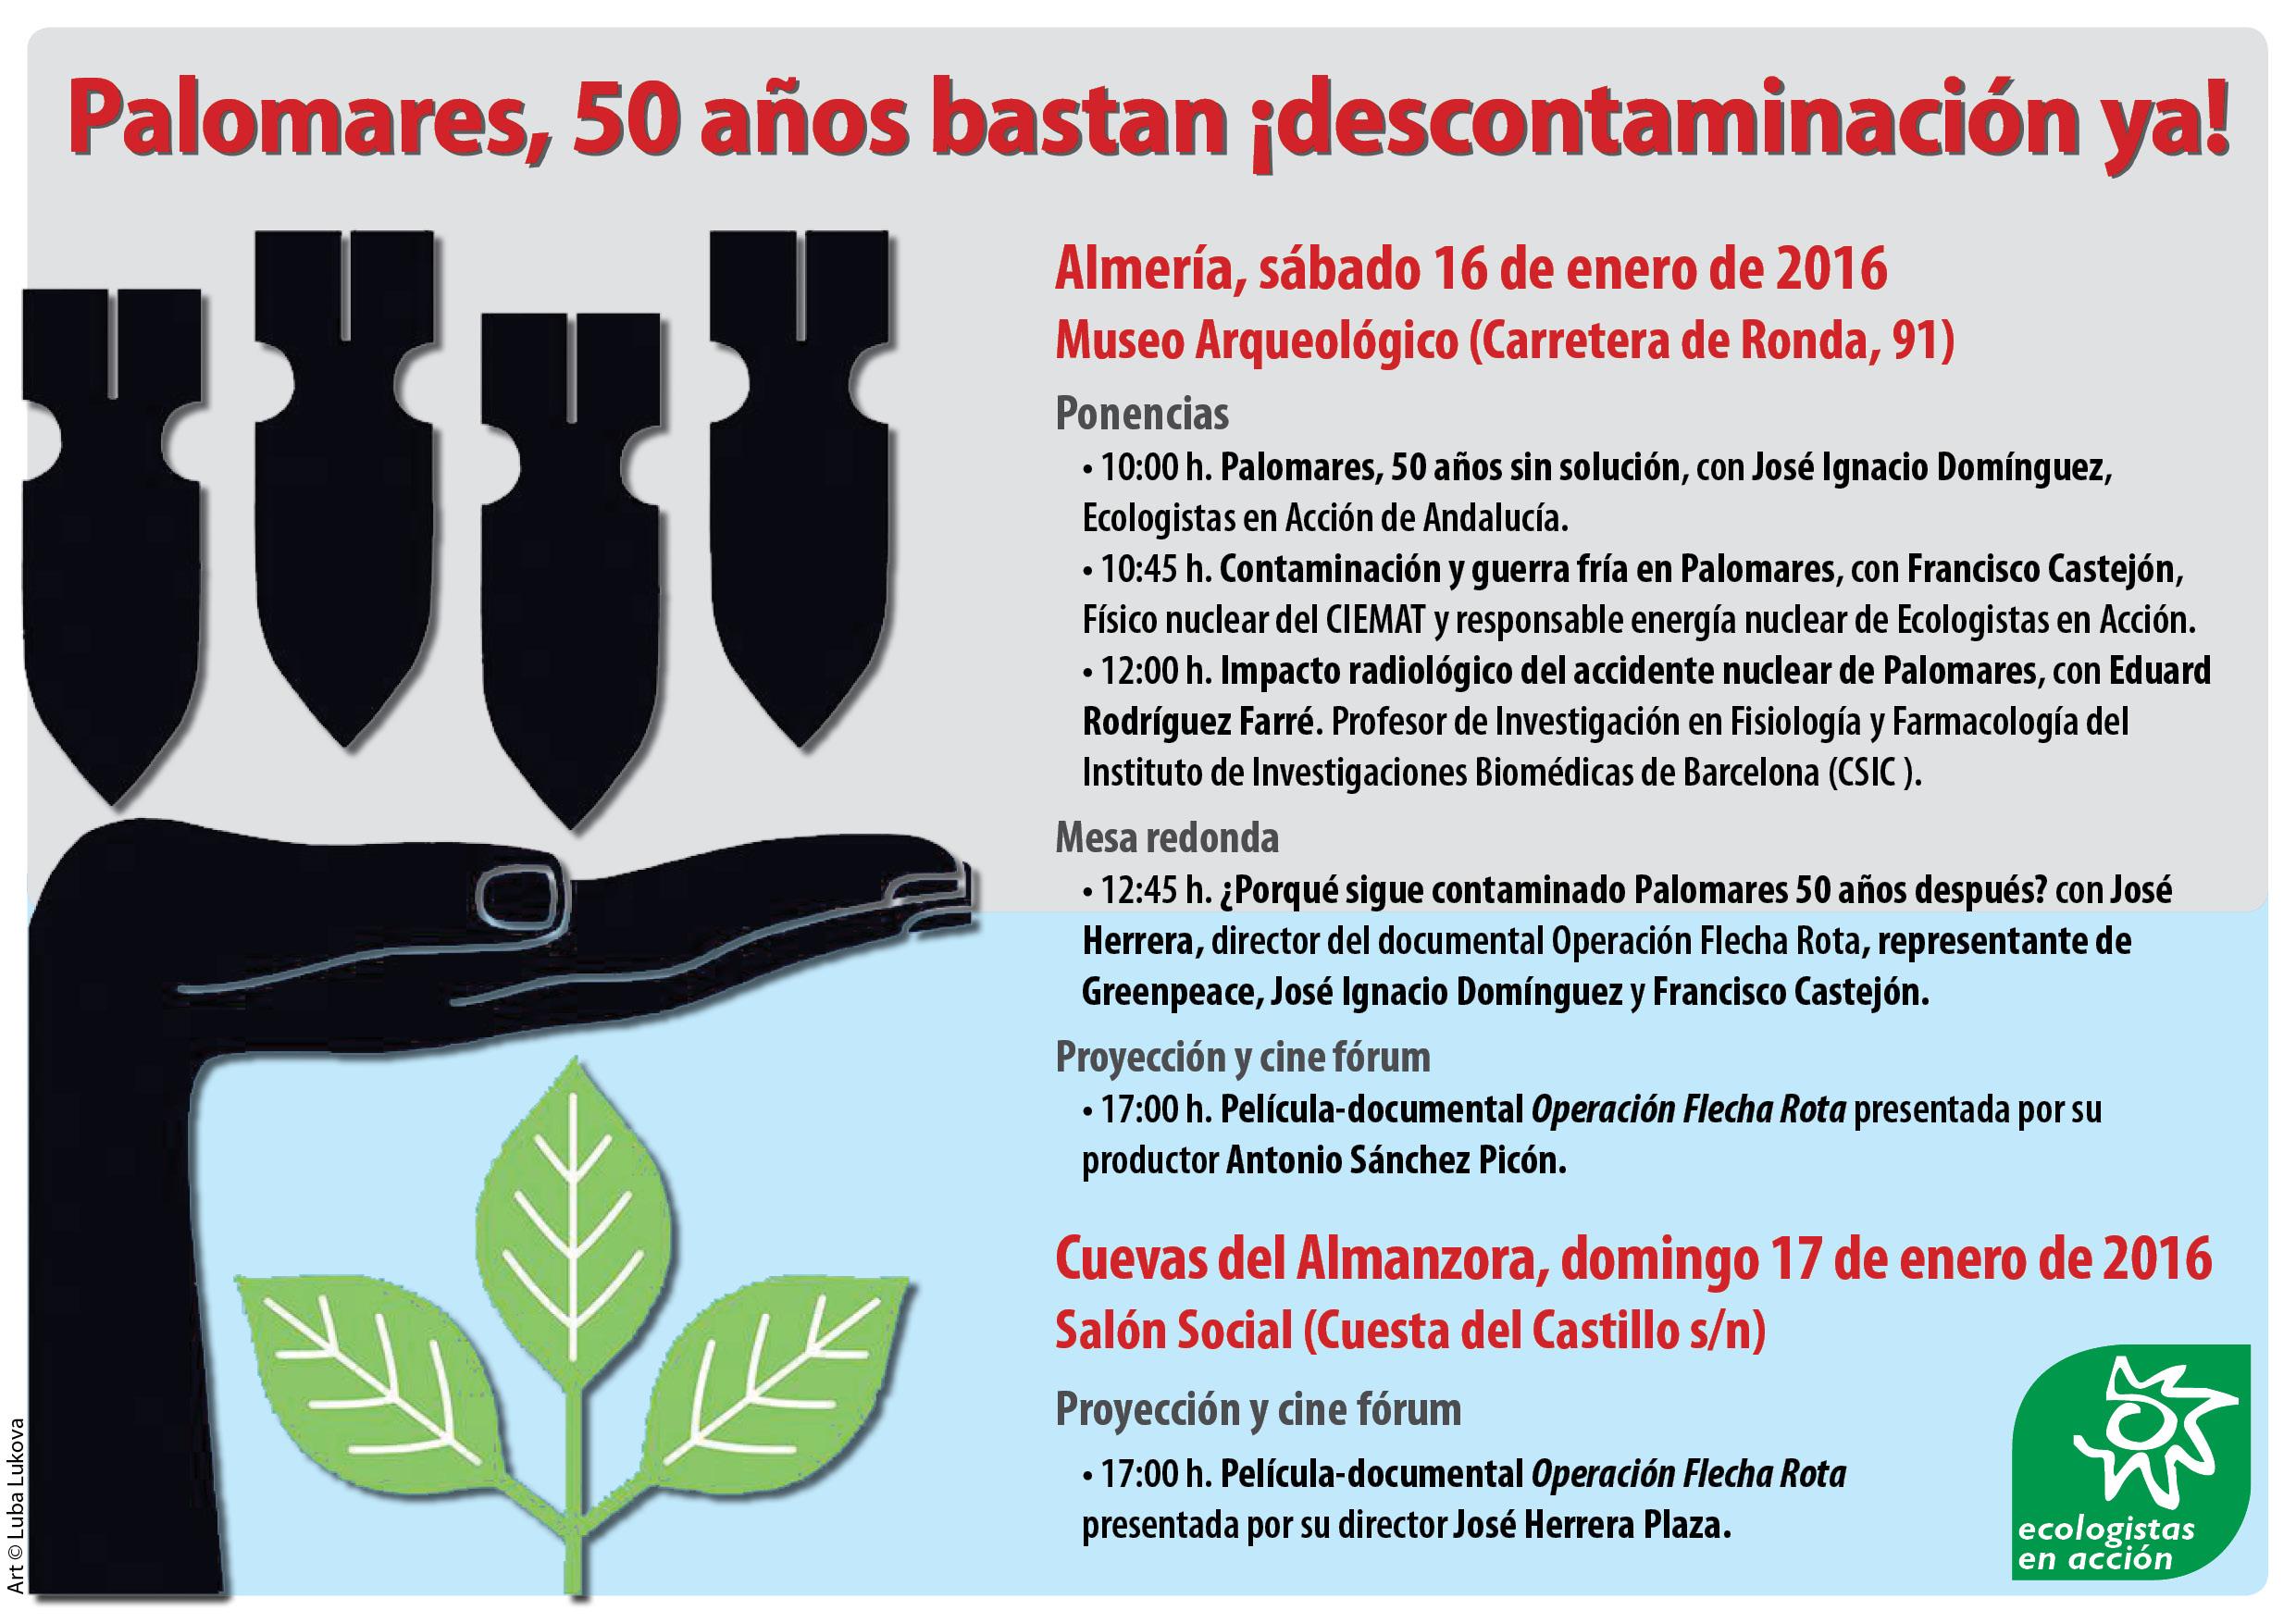 Jornada por la descontaminación de Palomares. Programas.